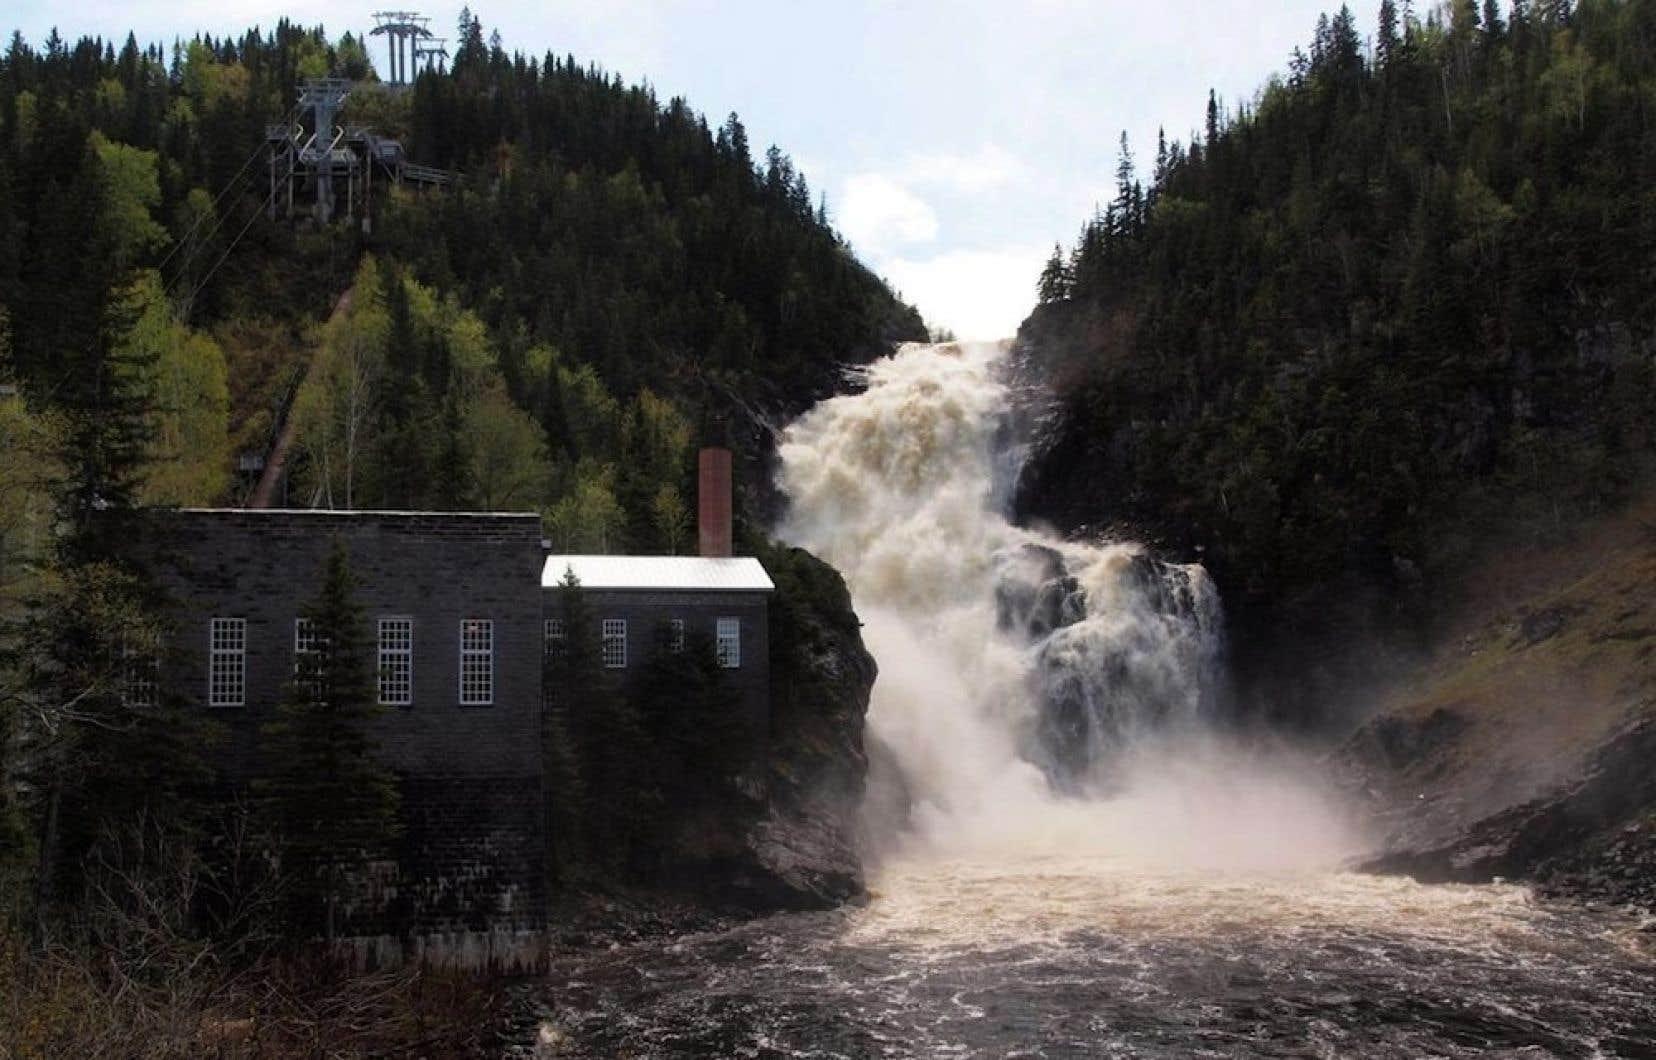 La Fondation Rivières affirme que Québec n'a pas accordé toutes les autorisations nécessaires pour lancer le controversé projet de la centrale hydroélectrique de Val-Jalbert.